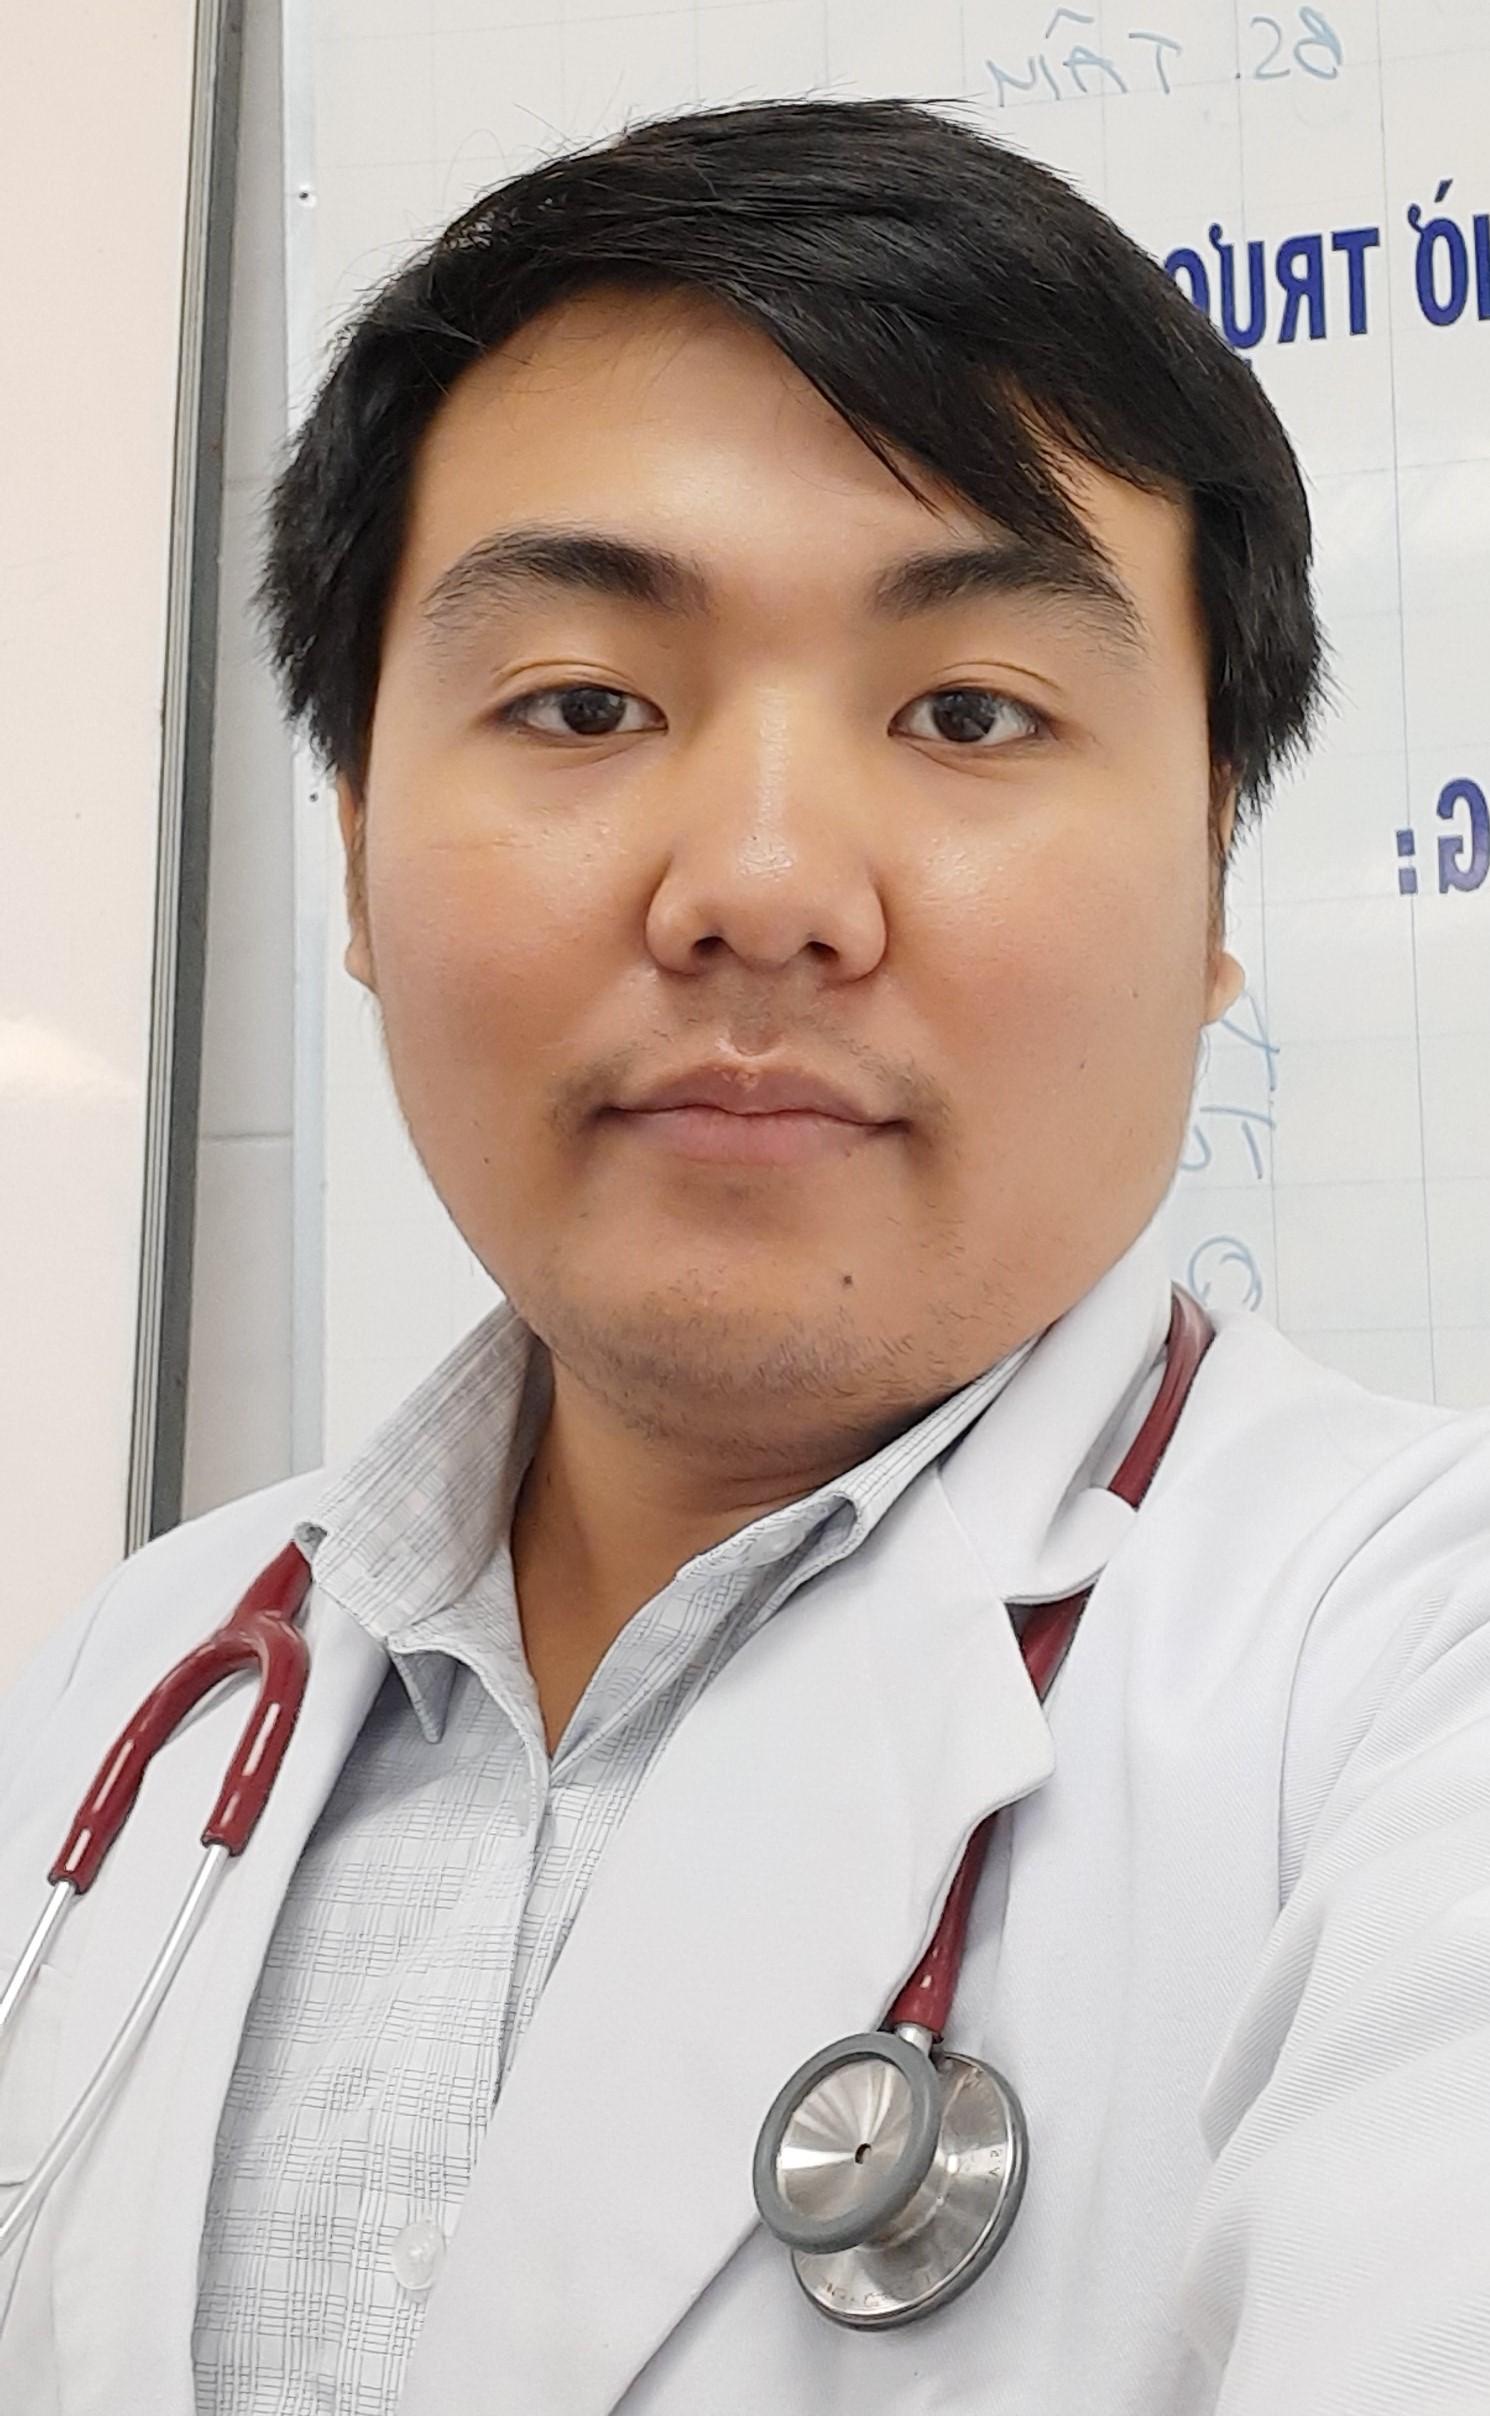 Bác sĩ NGUYỄN ĐOÀN TRỌNG NHÂN